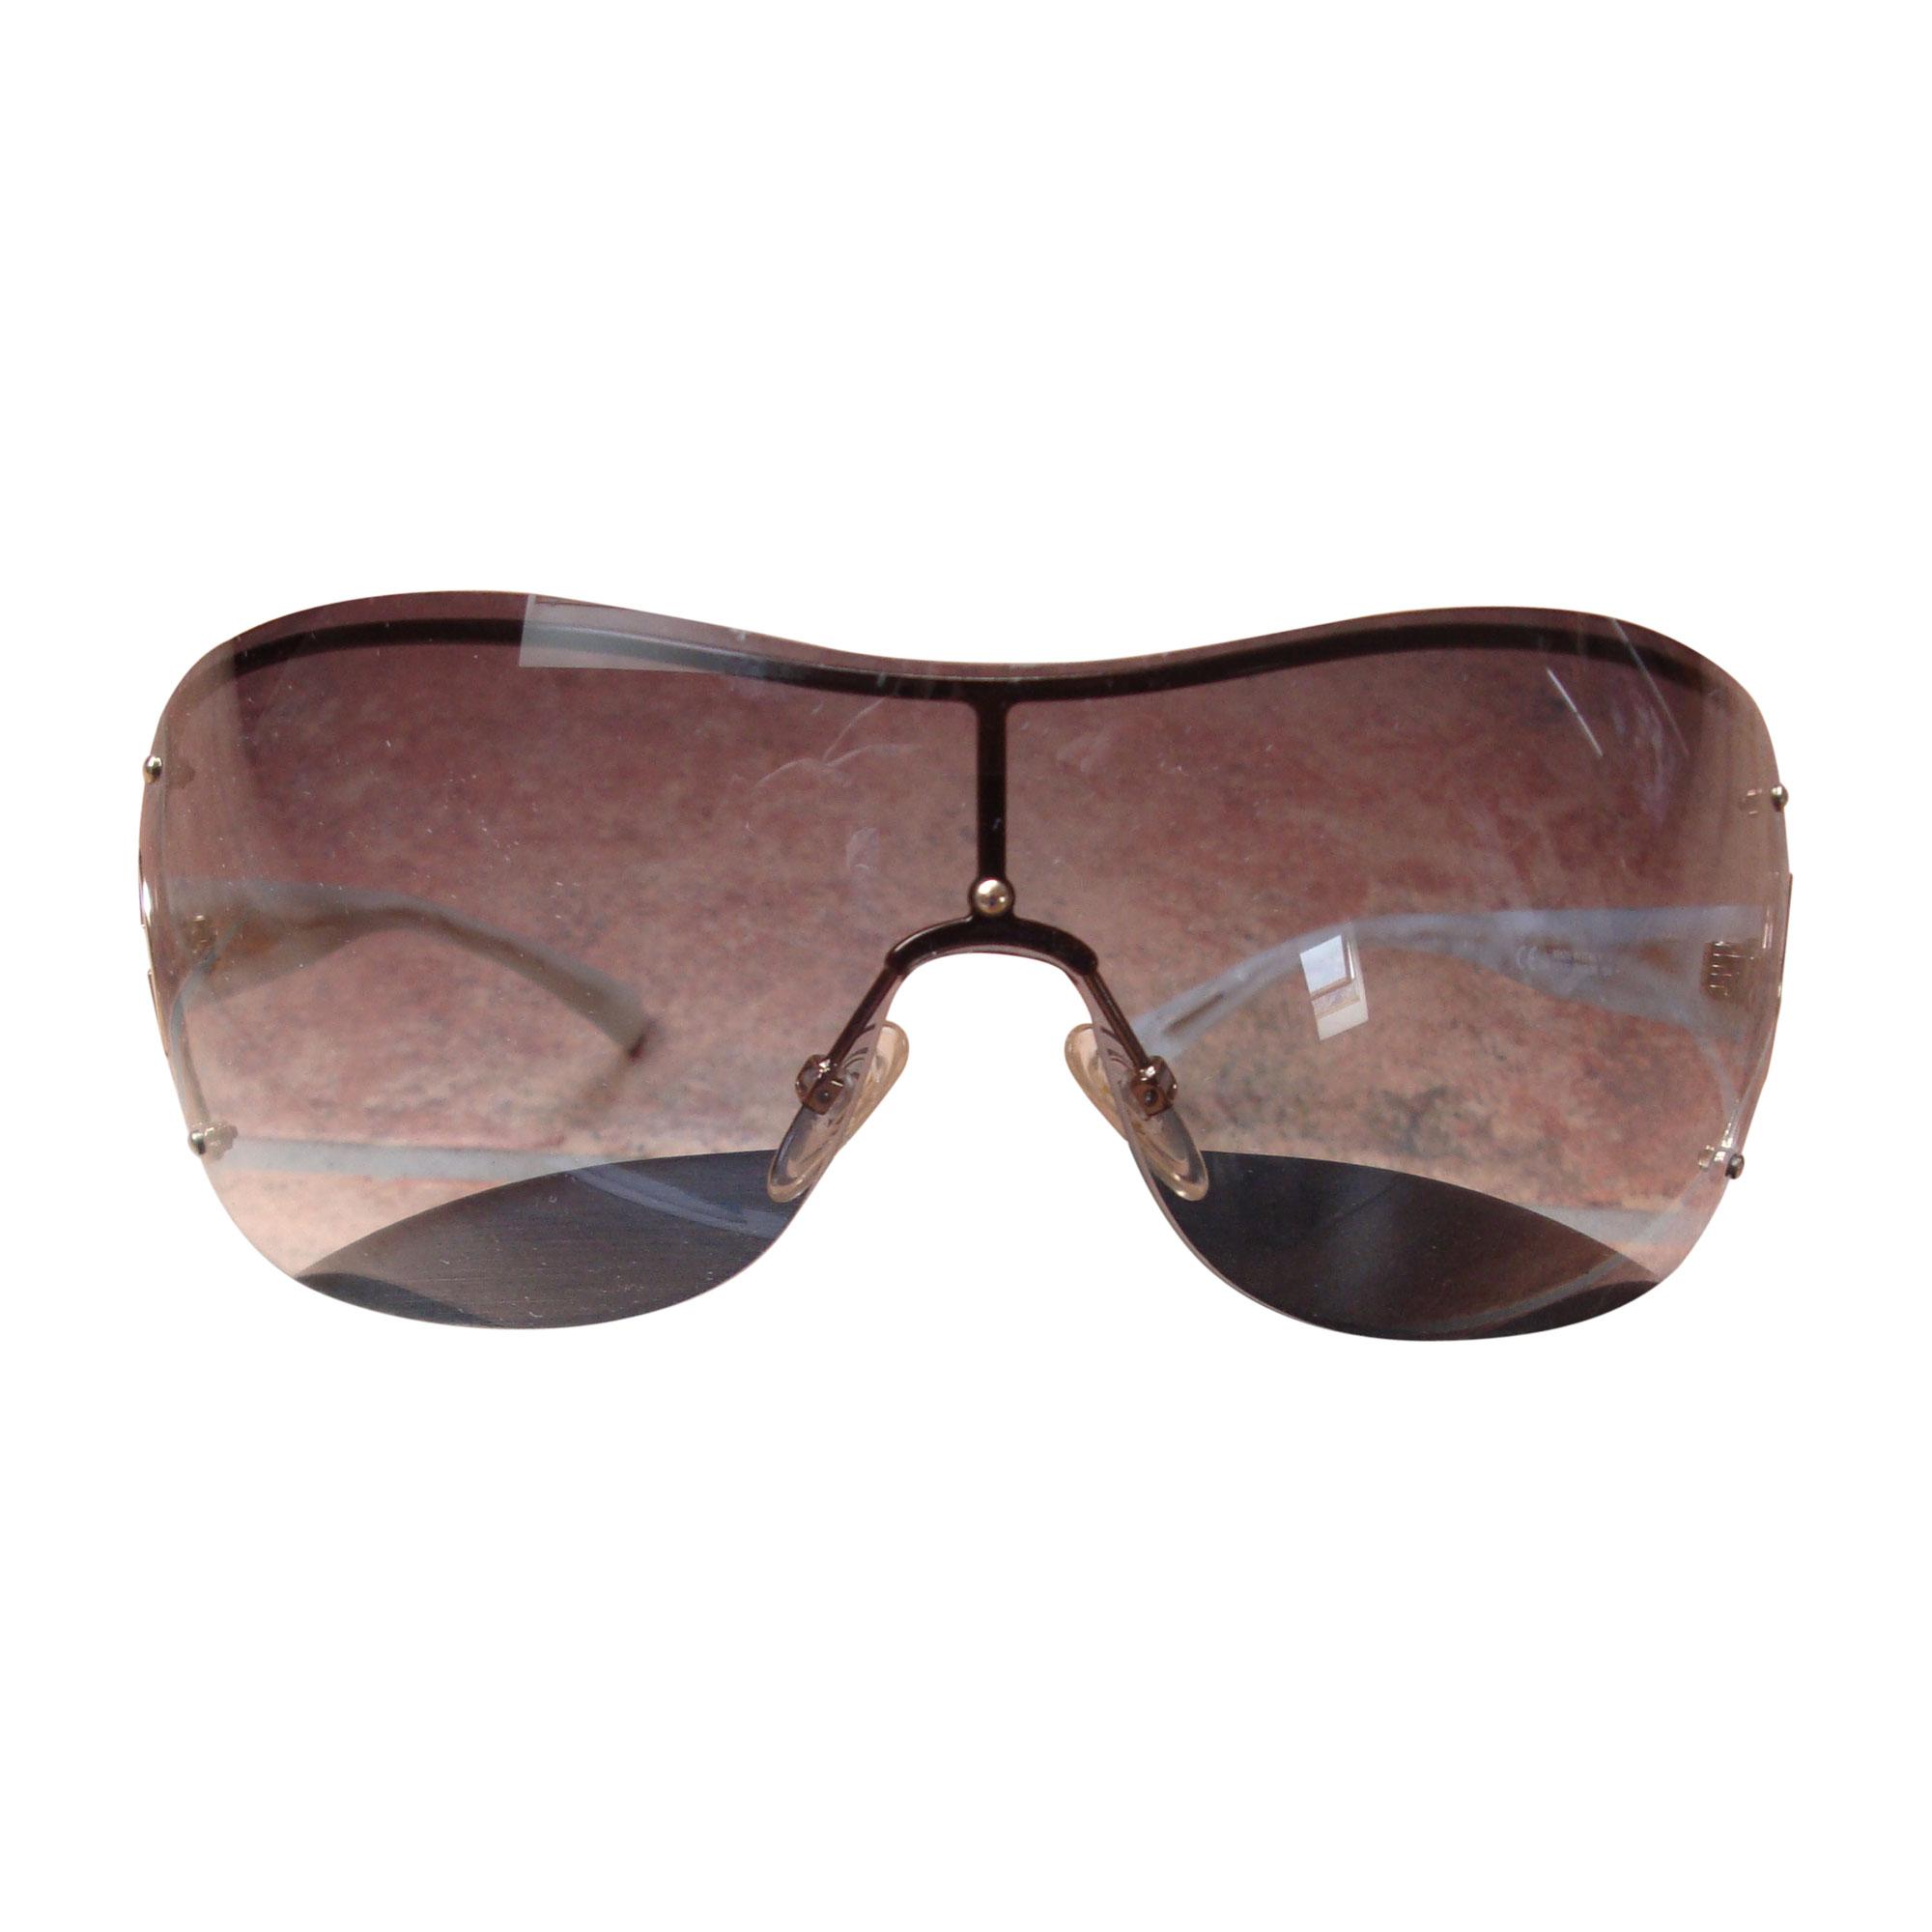 Sonnenbrille GIORGIO ARMANI grau - 7583372